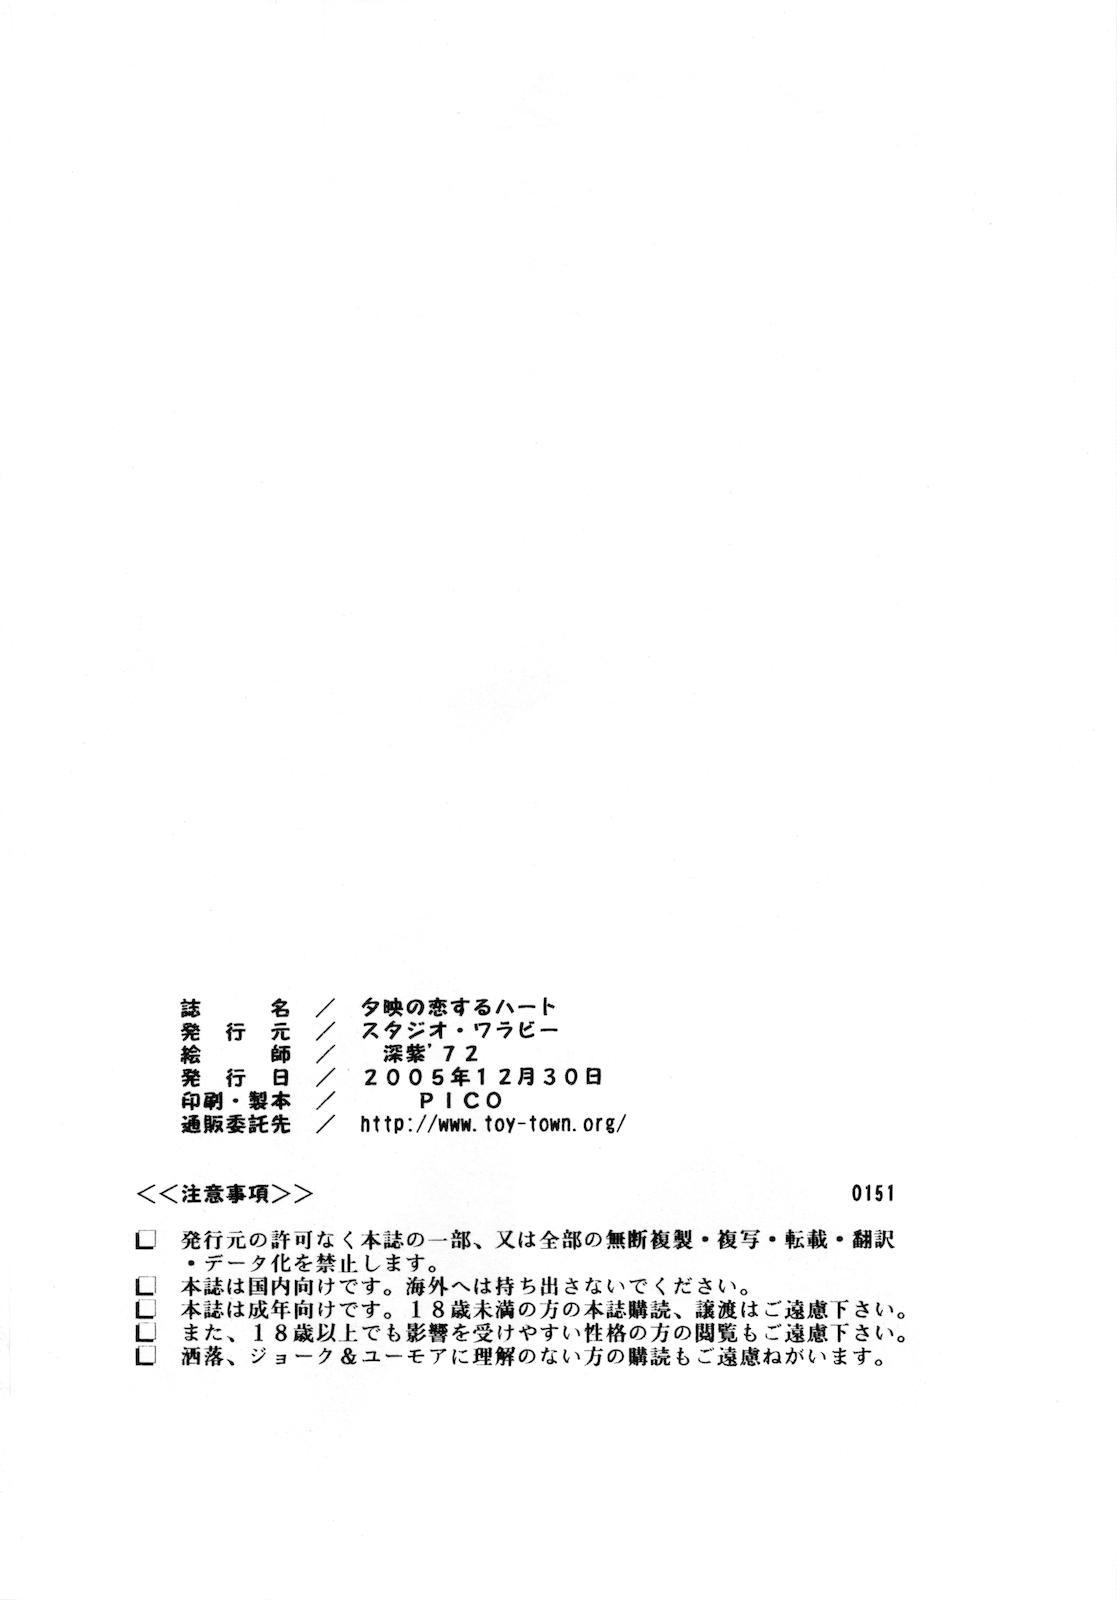 Yue no Koisuru Heart 33